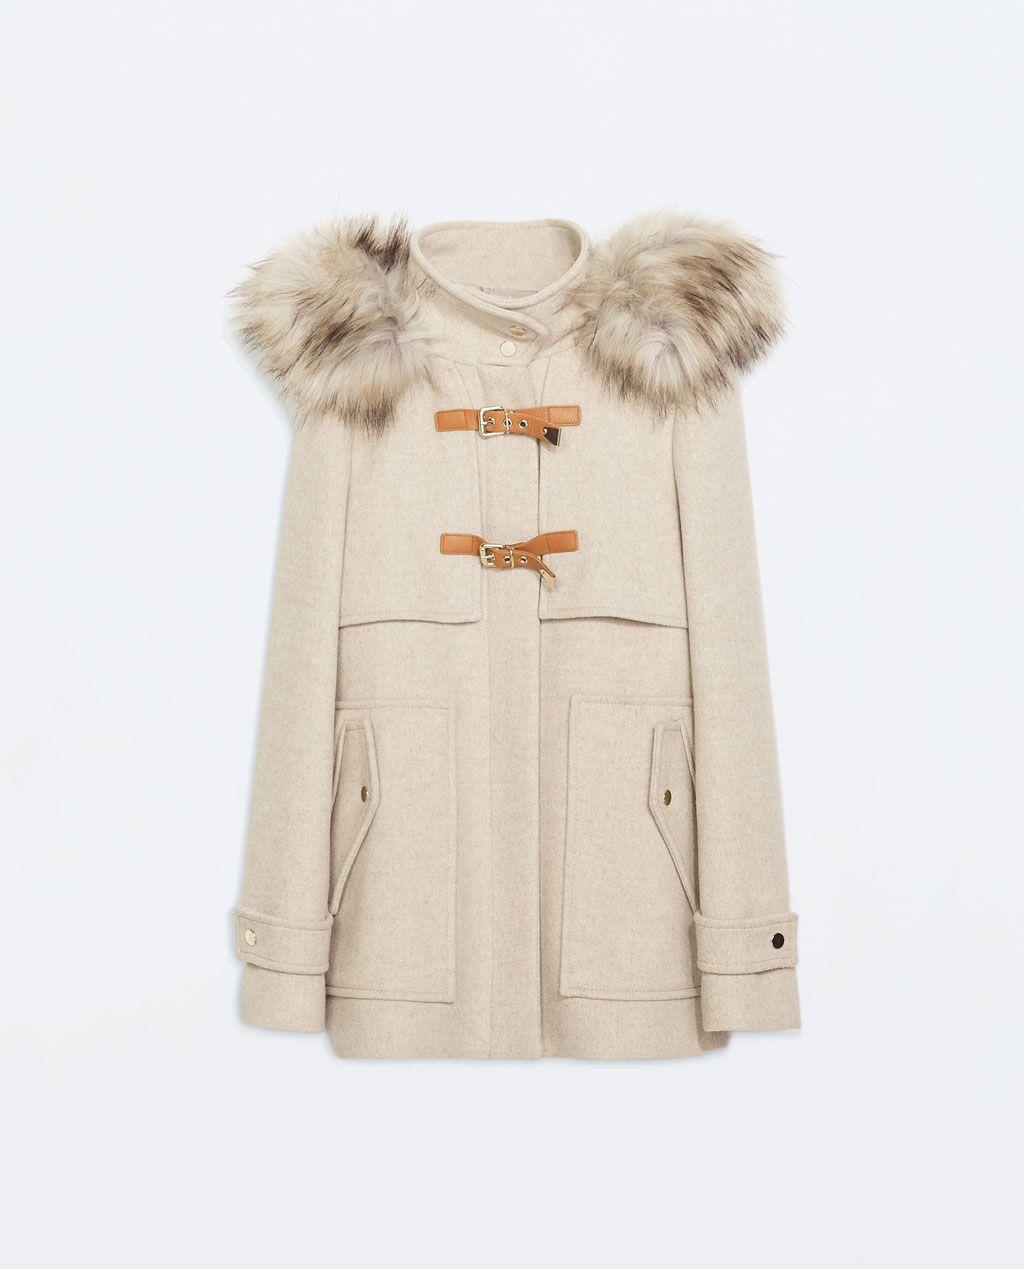 trench en drap de laine capuche bord e de fourrure synth tique manteaux manteaux femme zara. Black Bedroom Furniture Sets. Home Design Ideas